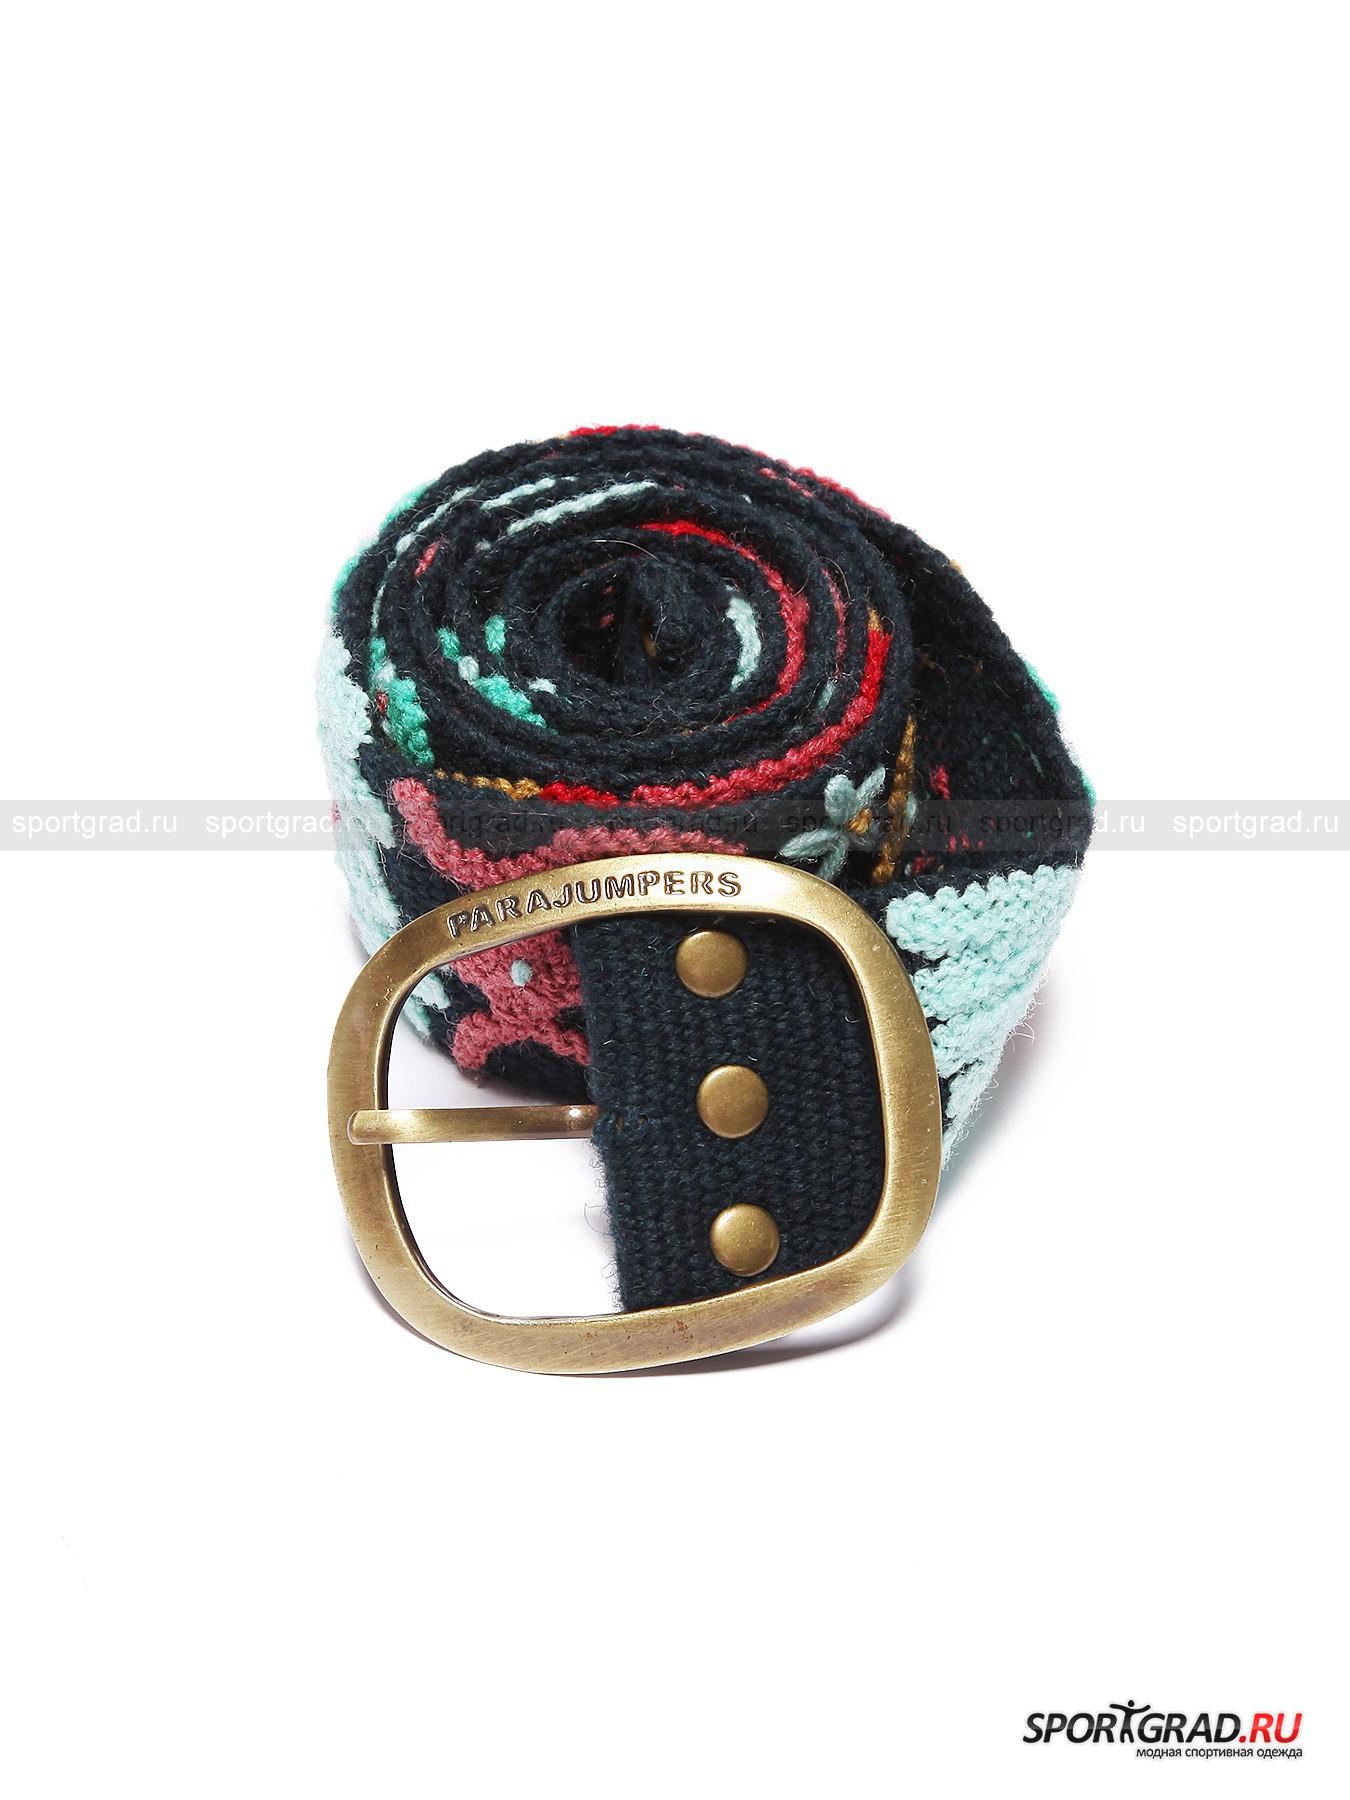 Ремень из шерсти Agata PARAJUMPERSРемни, Пояса<br>Этим летом стиль «хиппи» снова популярен: в моду вернулись брюки-клеш, натуральные материалы, этнические и цветочные мотивы. Компания Parajumpers внесла свой вклад в этот тренд, выпустив коллекцию ремней из шерсти, один из которых вы можете видеть на этой странице. Вещь выглядит сделанной вручную, поверхность ее расшита объемным ярким узором. Отличный аксессуар для эффектного летнего образа.<br><br>Пол: Женский<br>Возраст: Взрослый<br>Тип: Ремни, Пояса<br>Состав: 100% шерсть. Пряжка из металла.